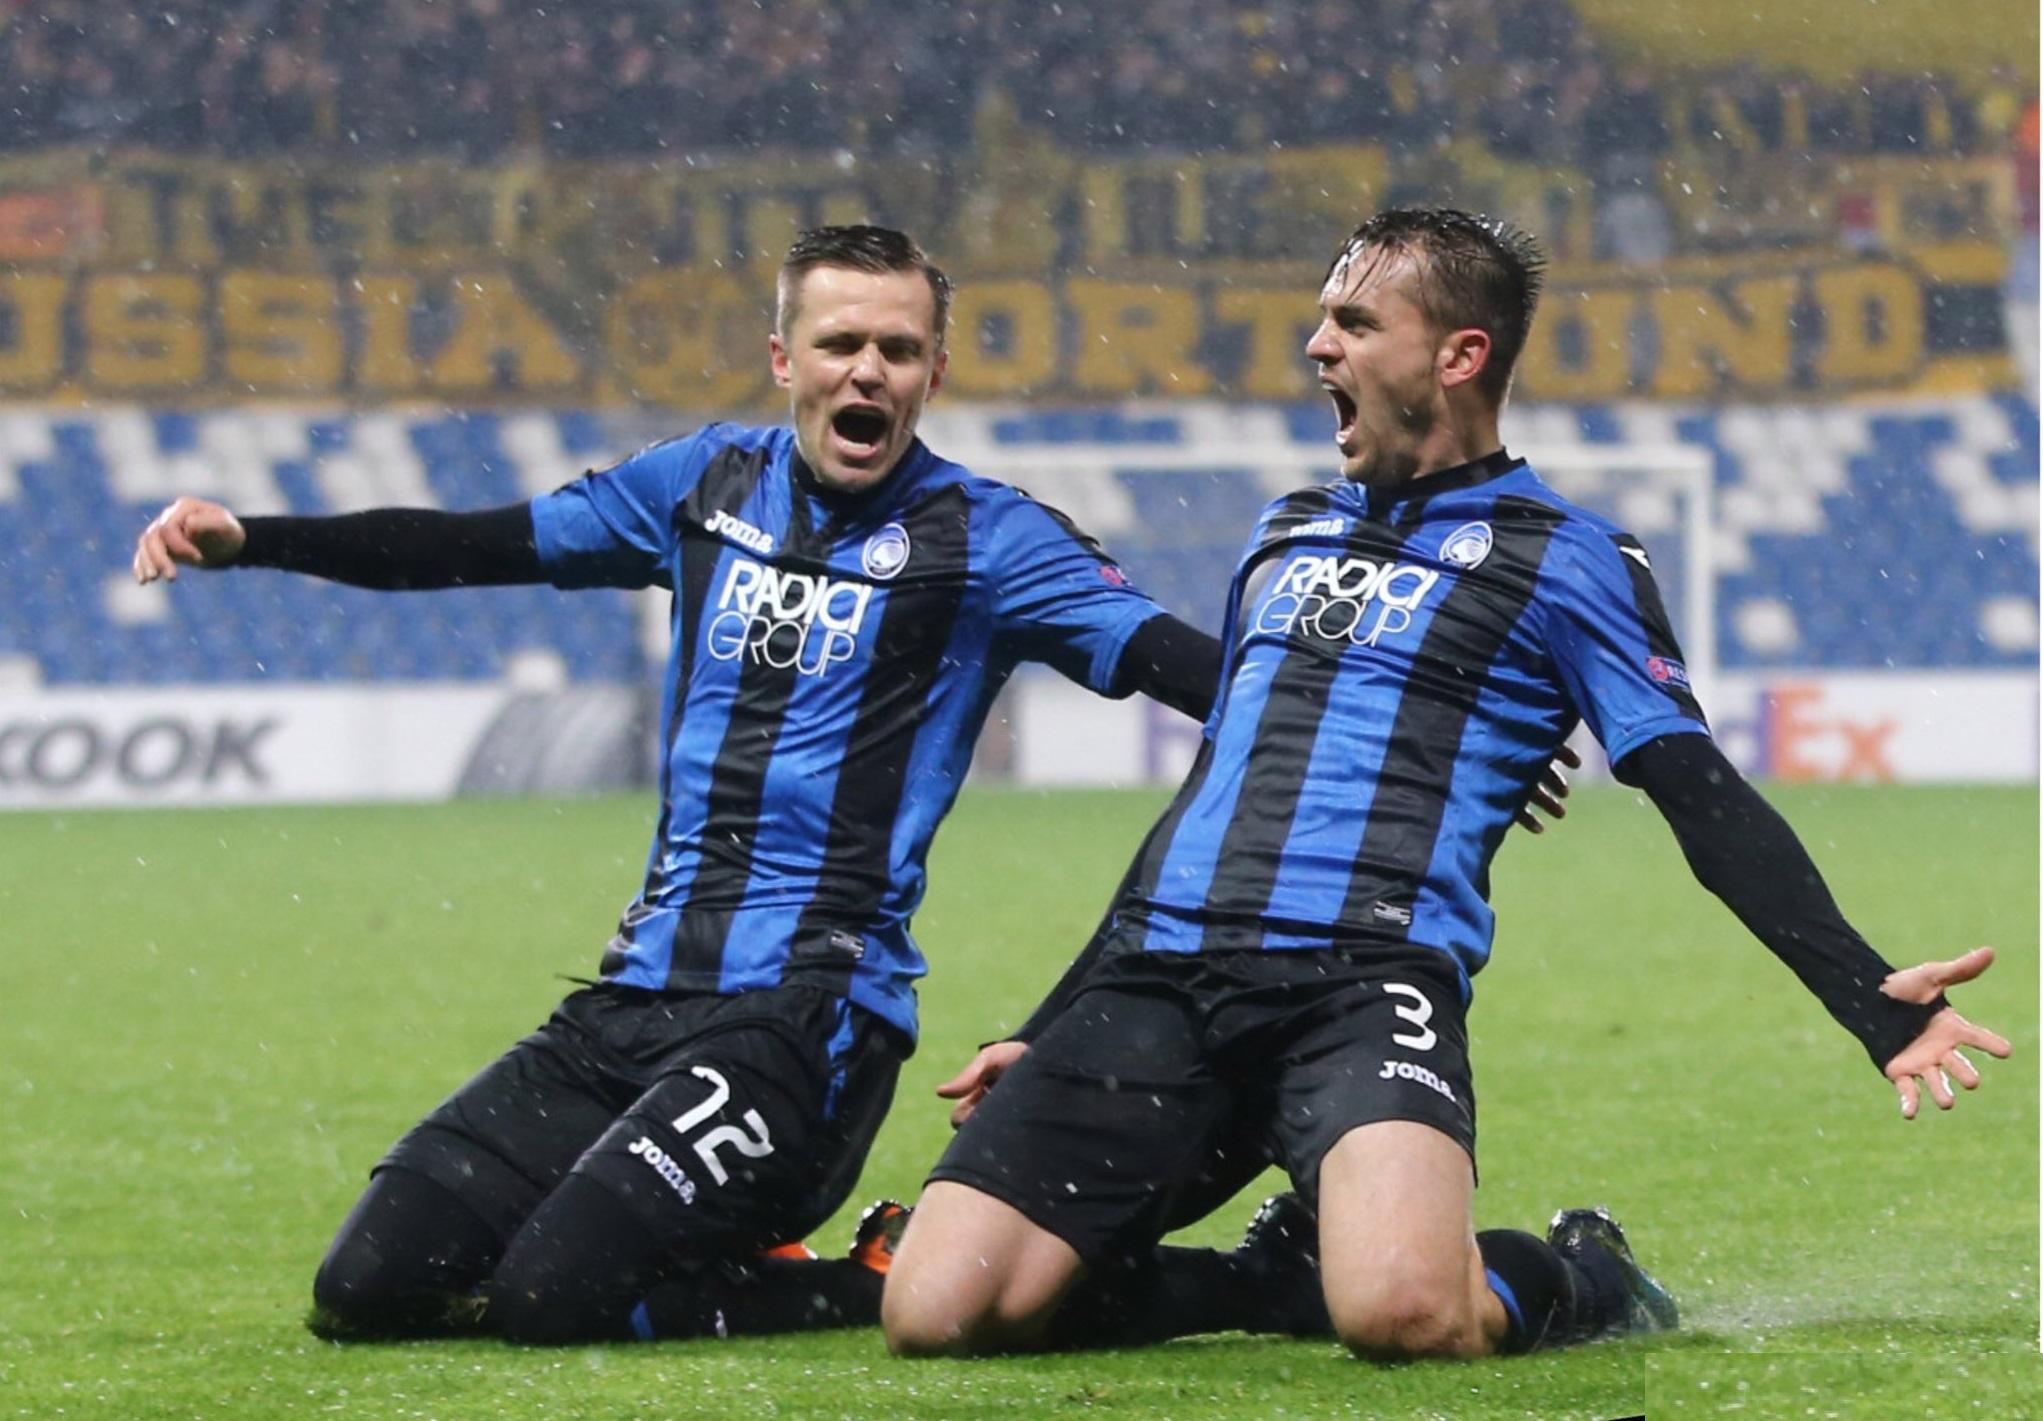 Atalanta-Borussia 1-1: bergamaschi eliminati, Schmelzer decisivo a sette minuti dalla fine